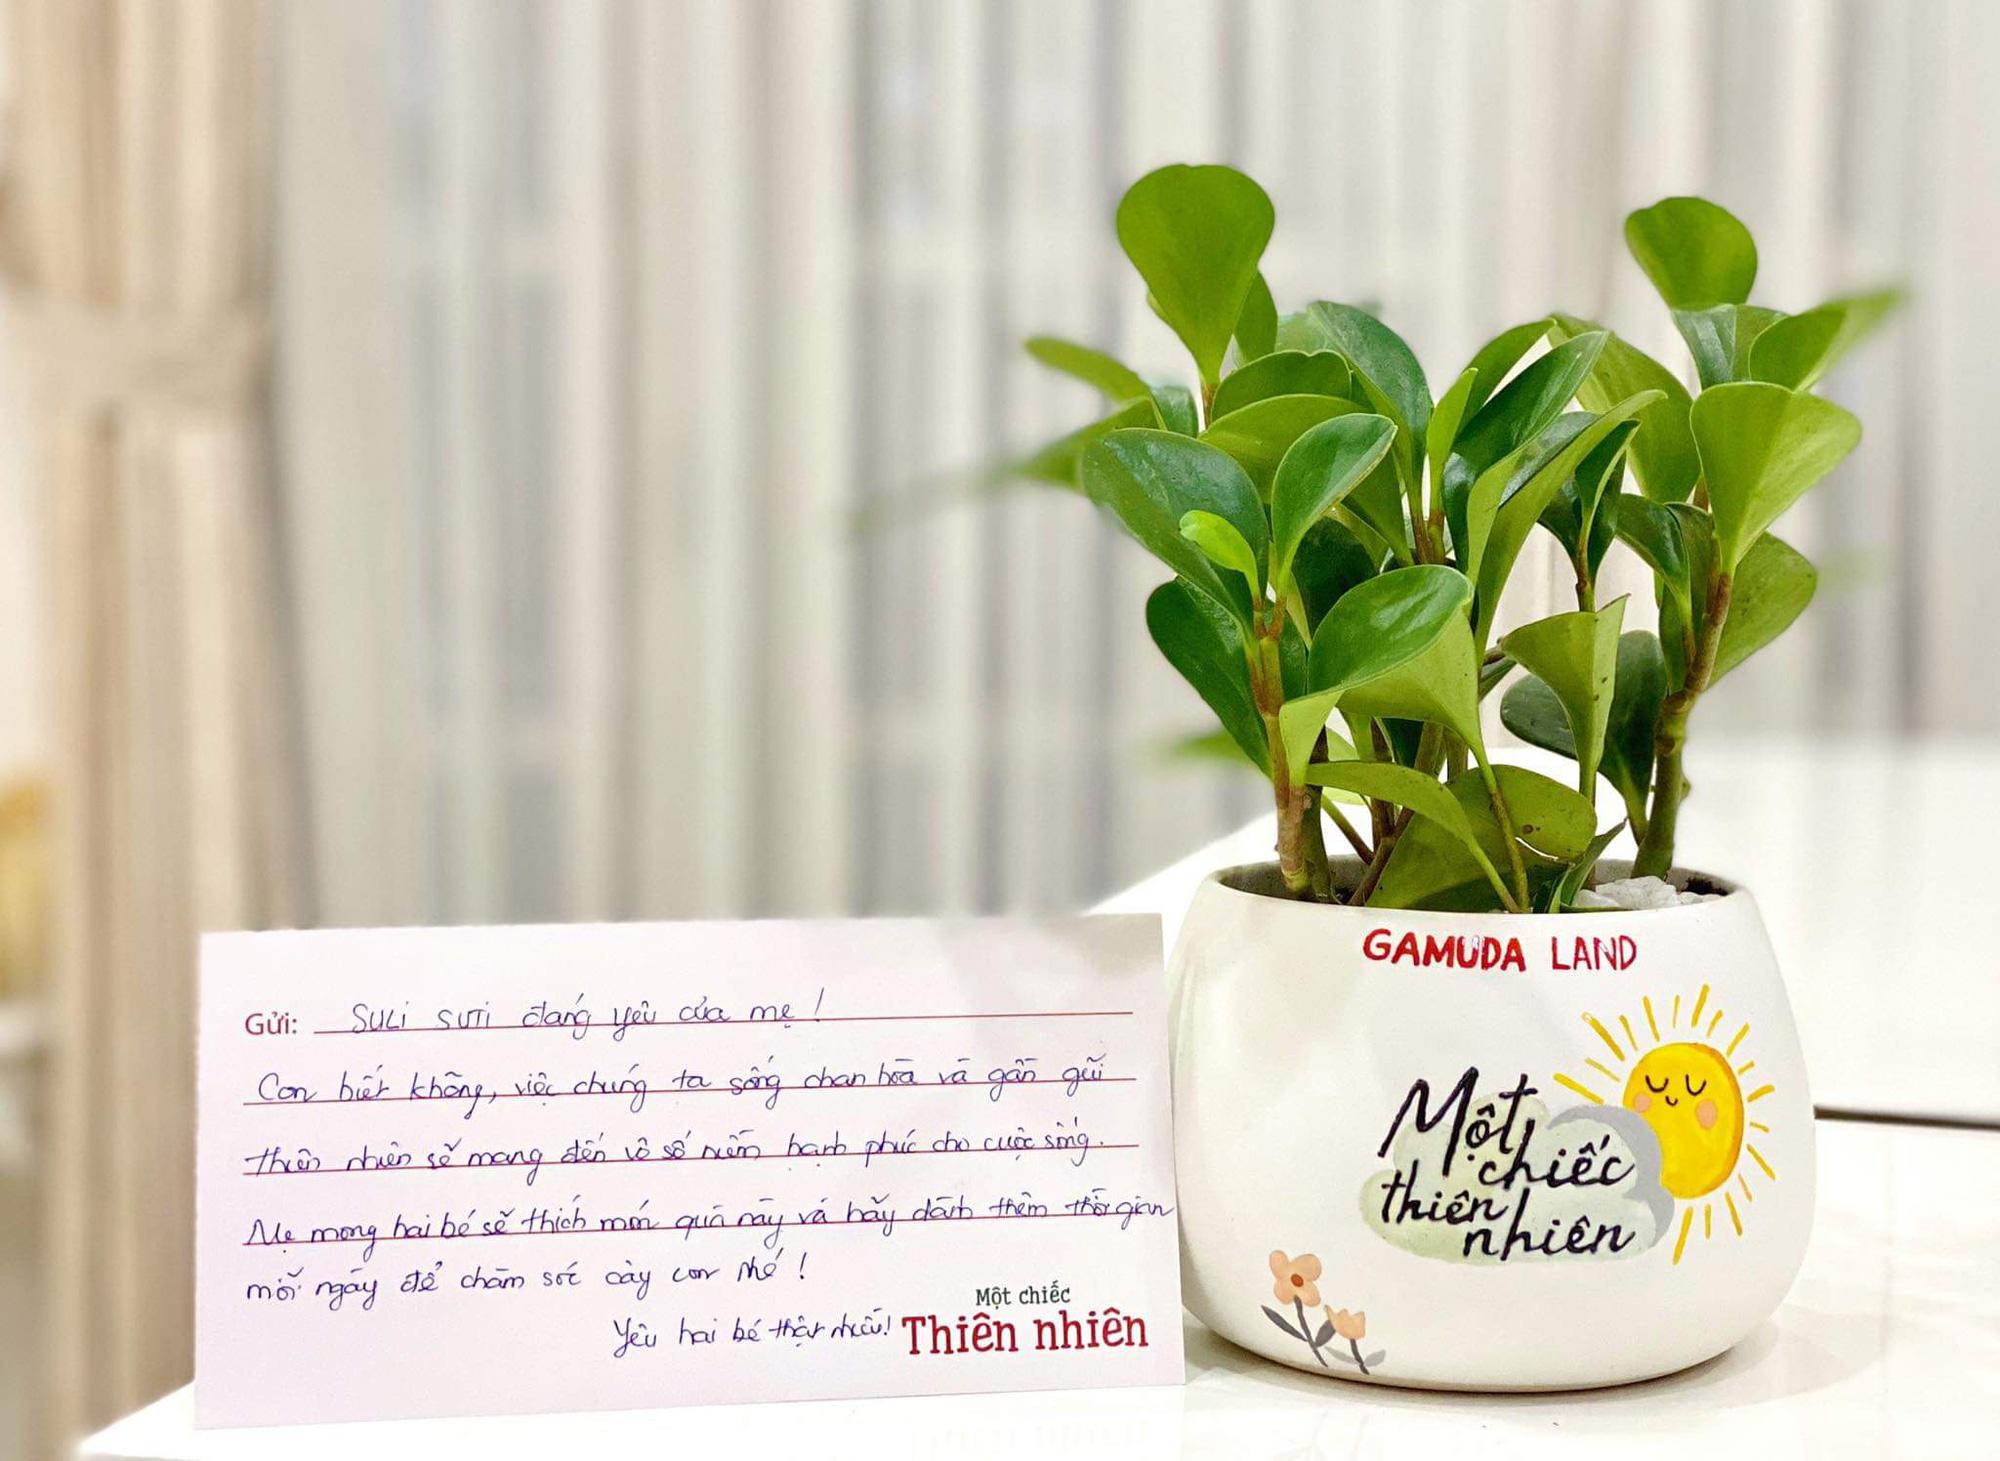 """Sao Việt hào hứng tham gia chiến dịch truyền cảm hứng siêu cute """"Một chiếc thiên nhiên"""" - Ảnh 3."""